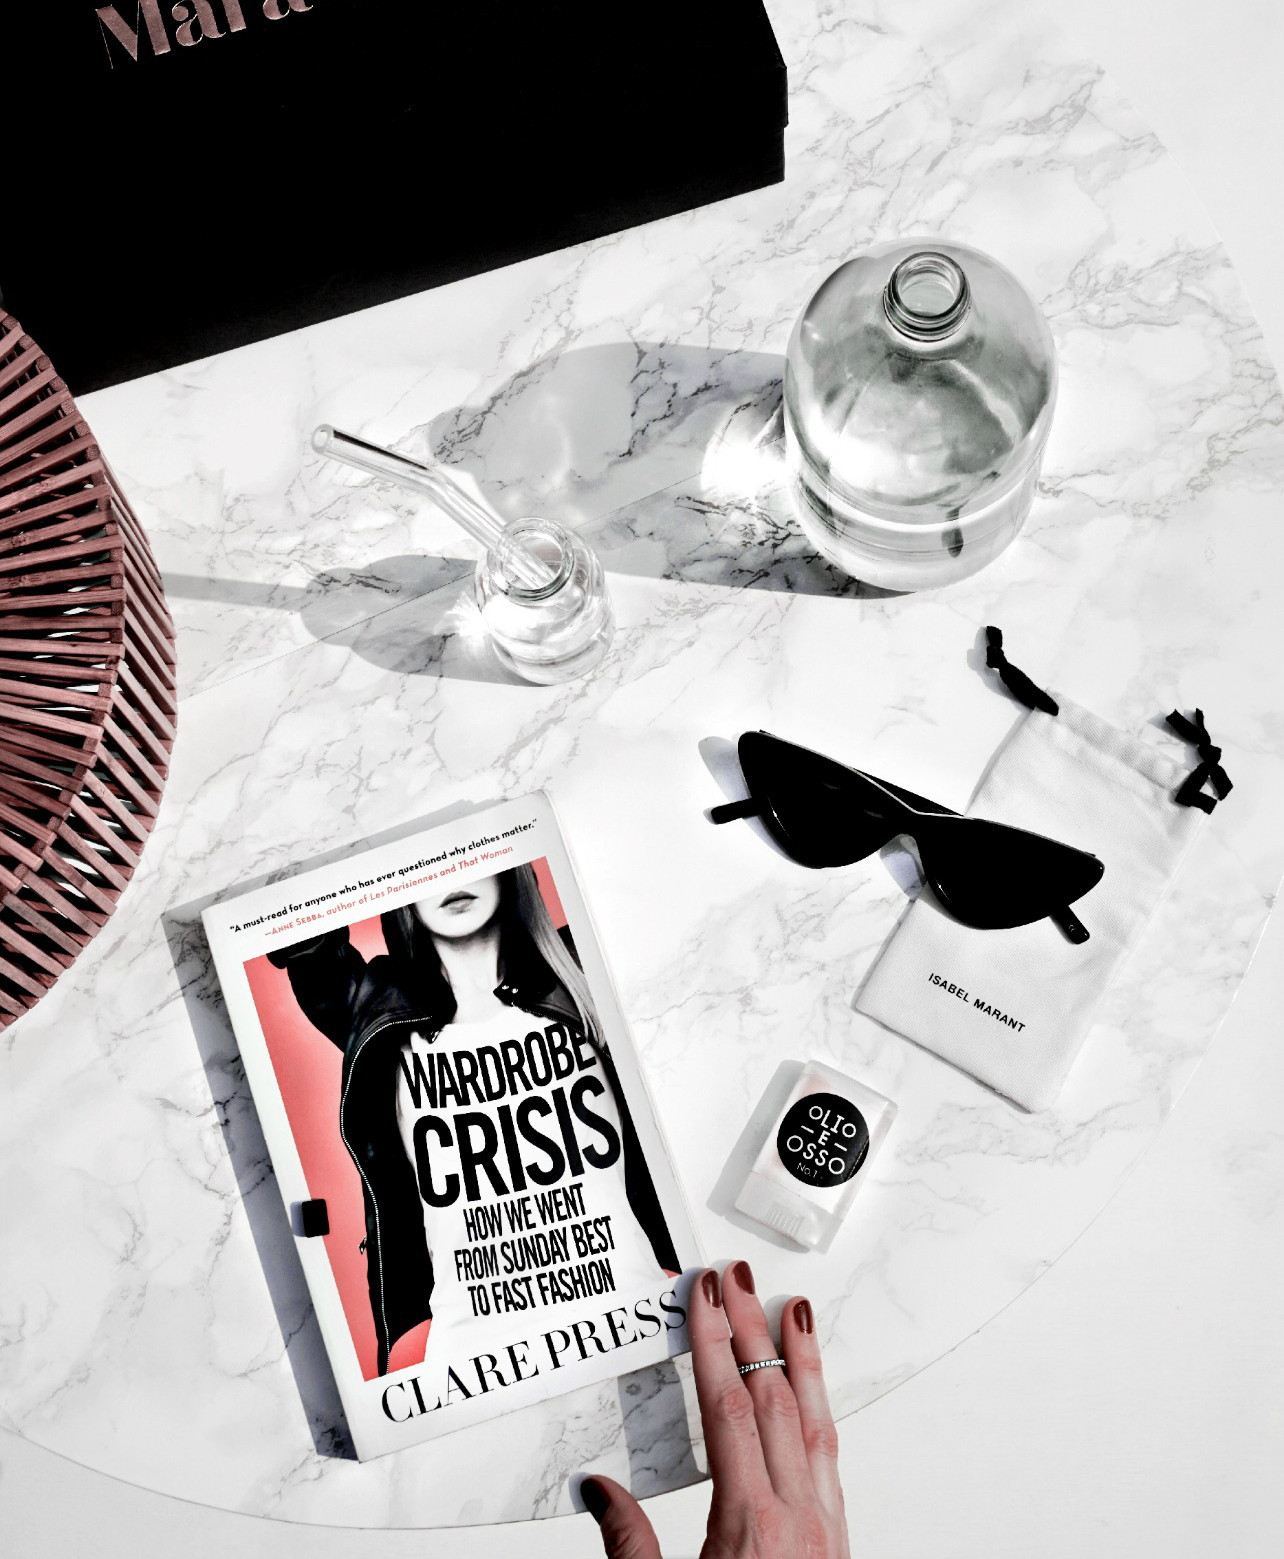 Clare's book  Wardrobe Crisis